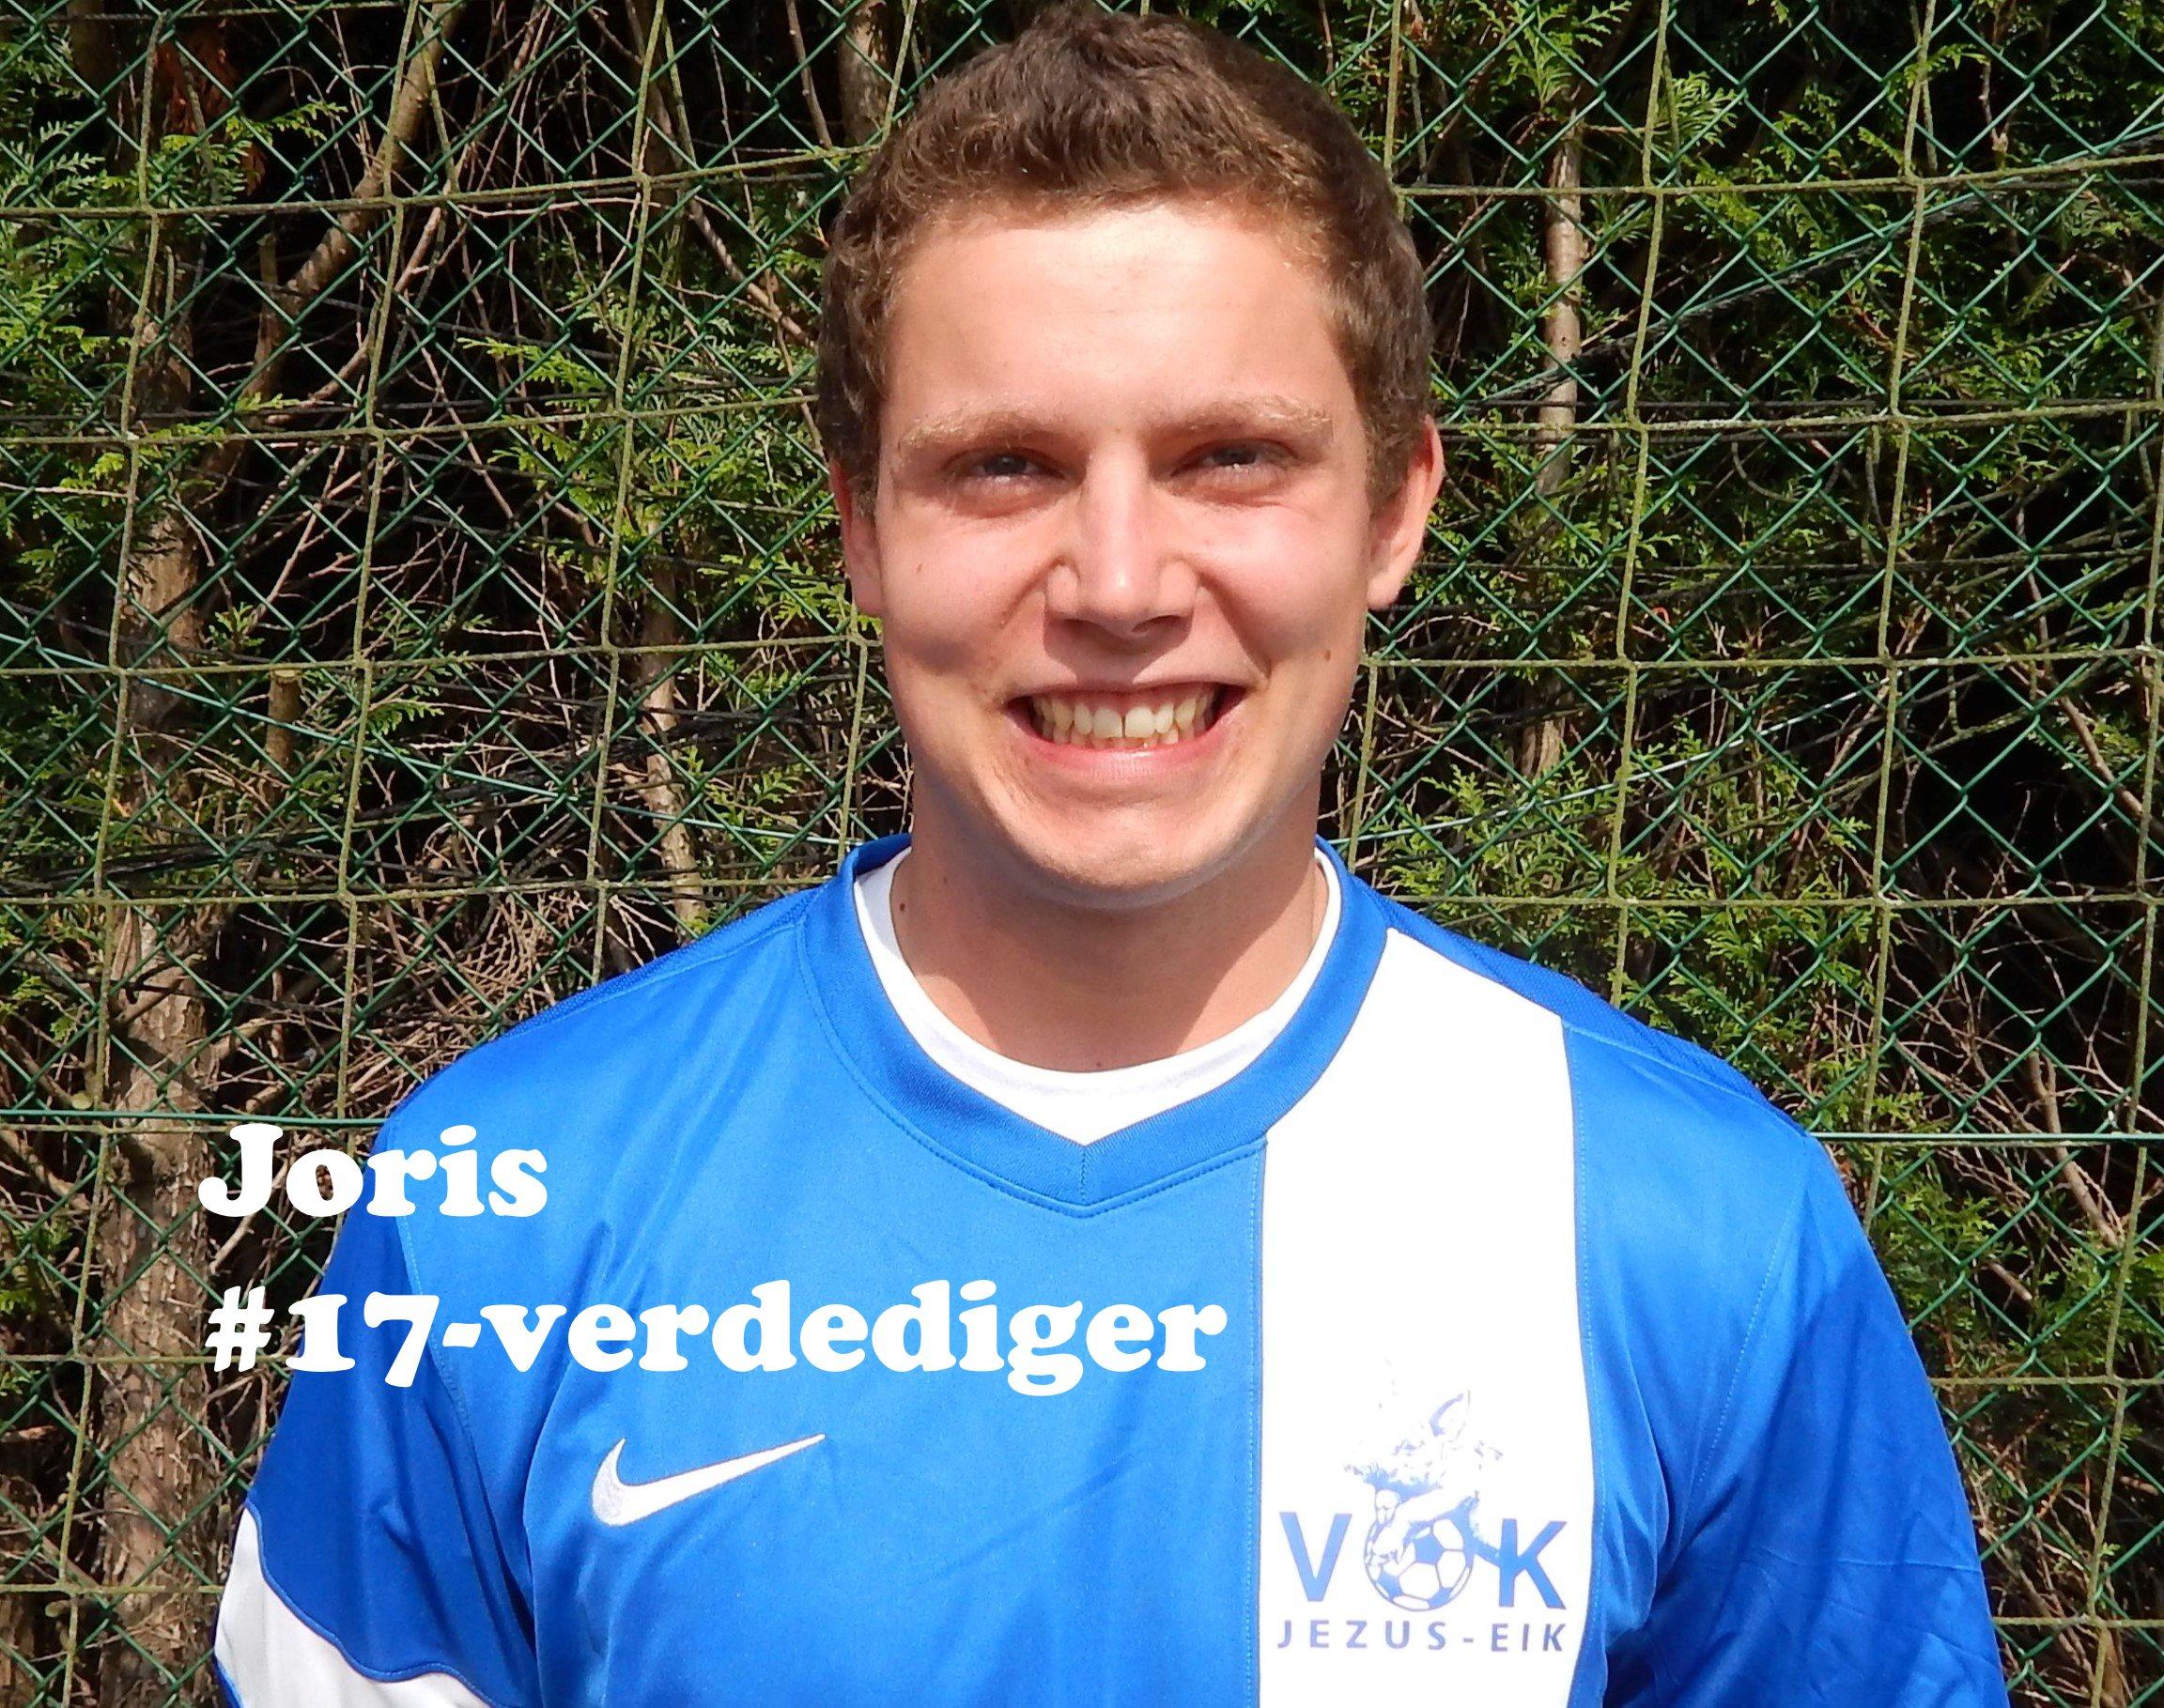 Joris - Verdediger - 17